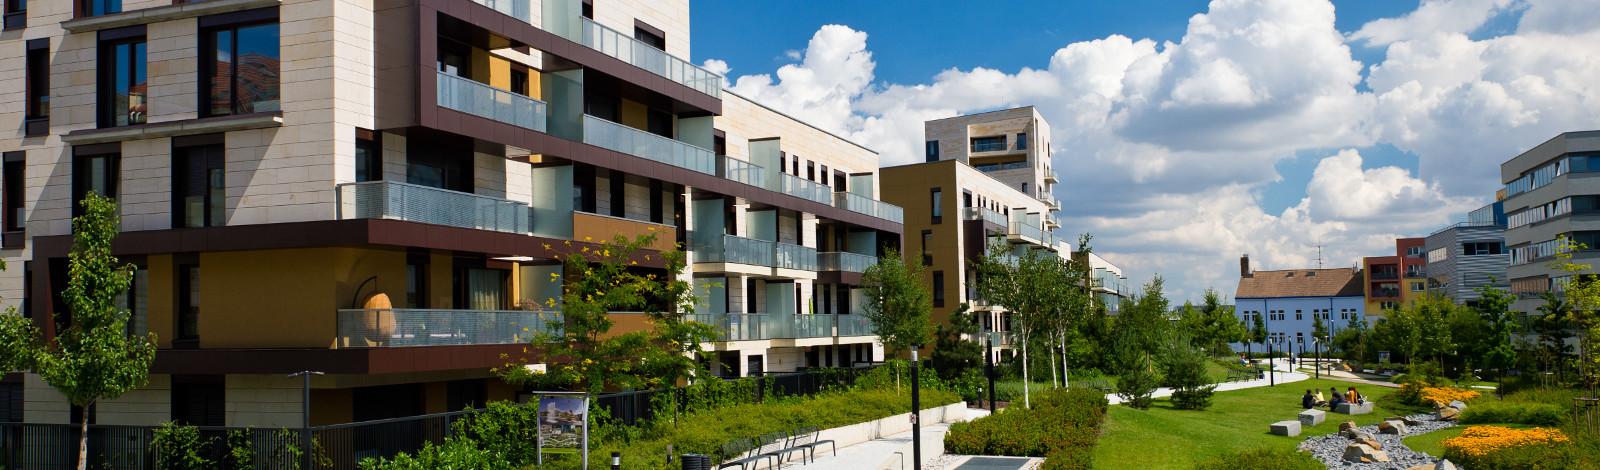 vente-appartement-diagnostic-immobilier